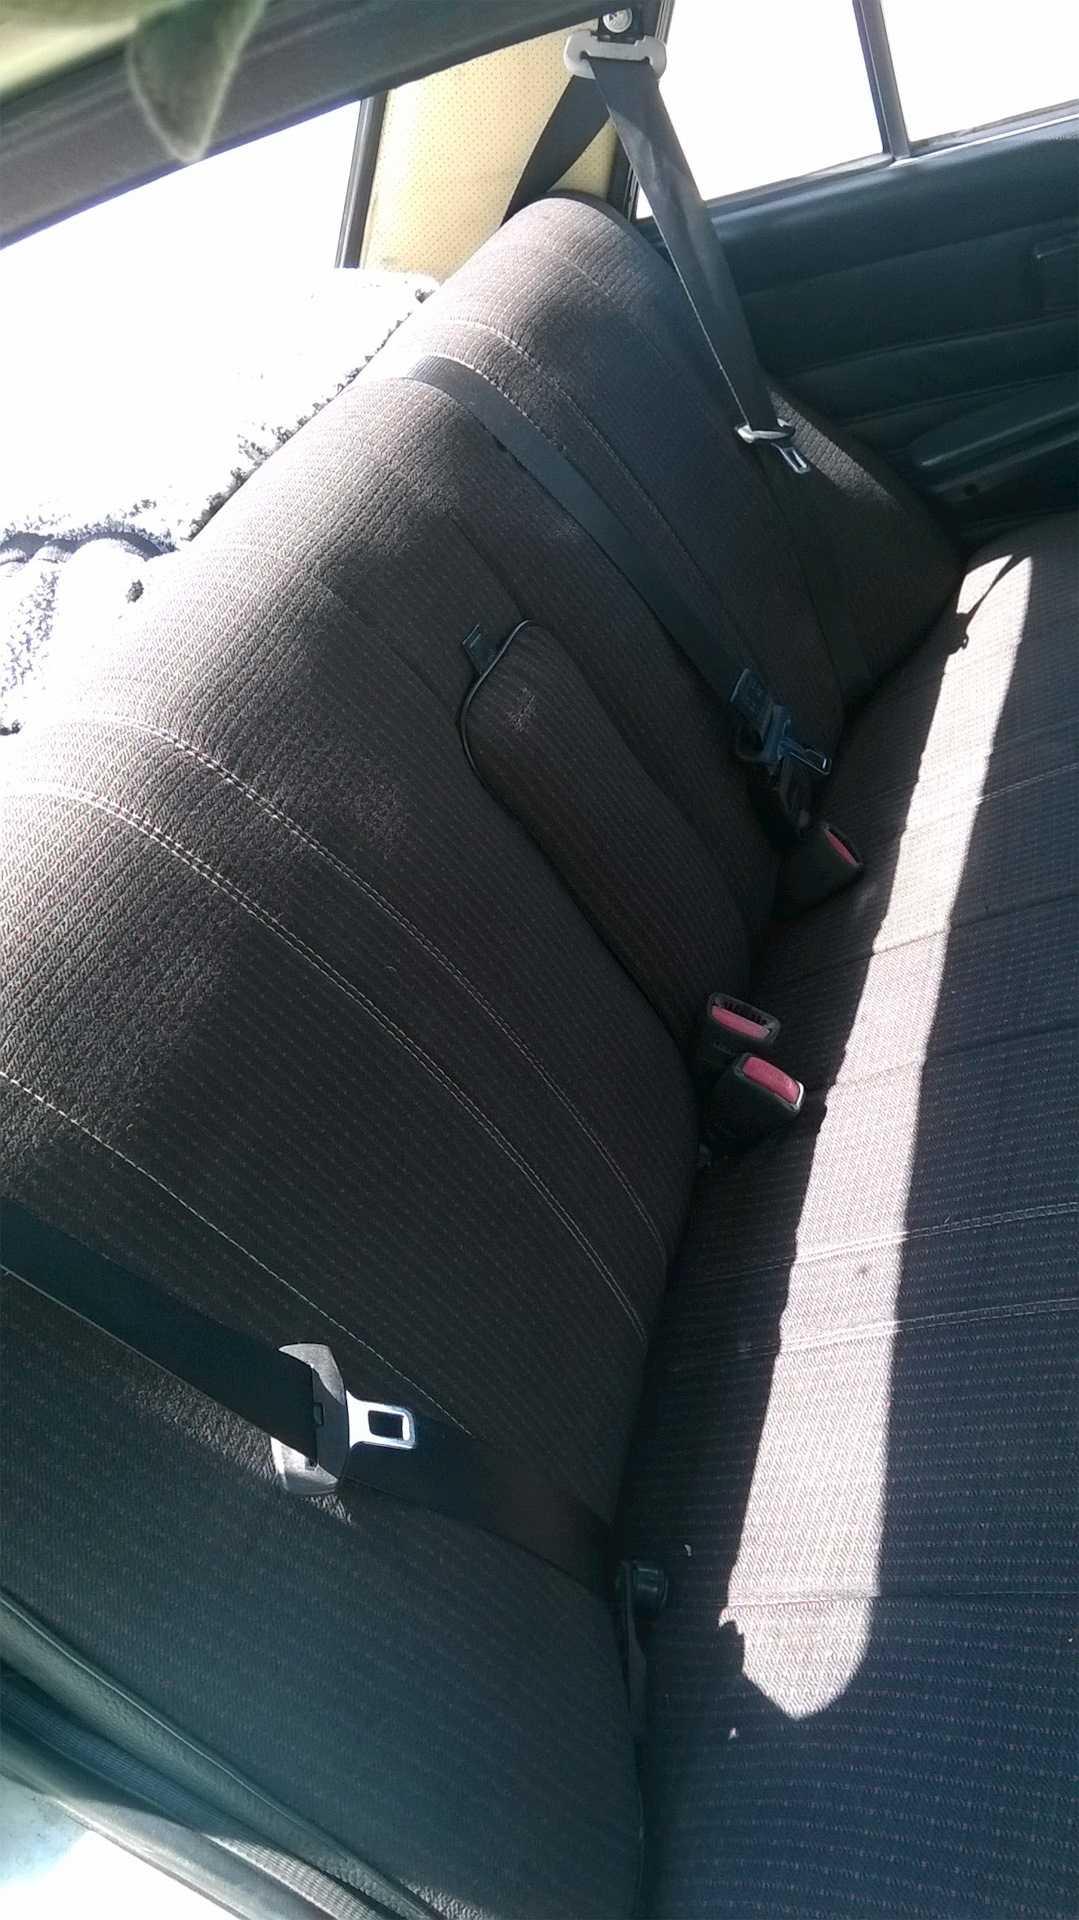 Установка ремней безопасности на ваз 2106 – поэтапная инструкция по устаовке задних ремней безопасности на автомобиль ваз 2106 — автороссия.рф